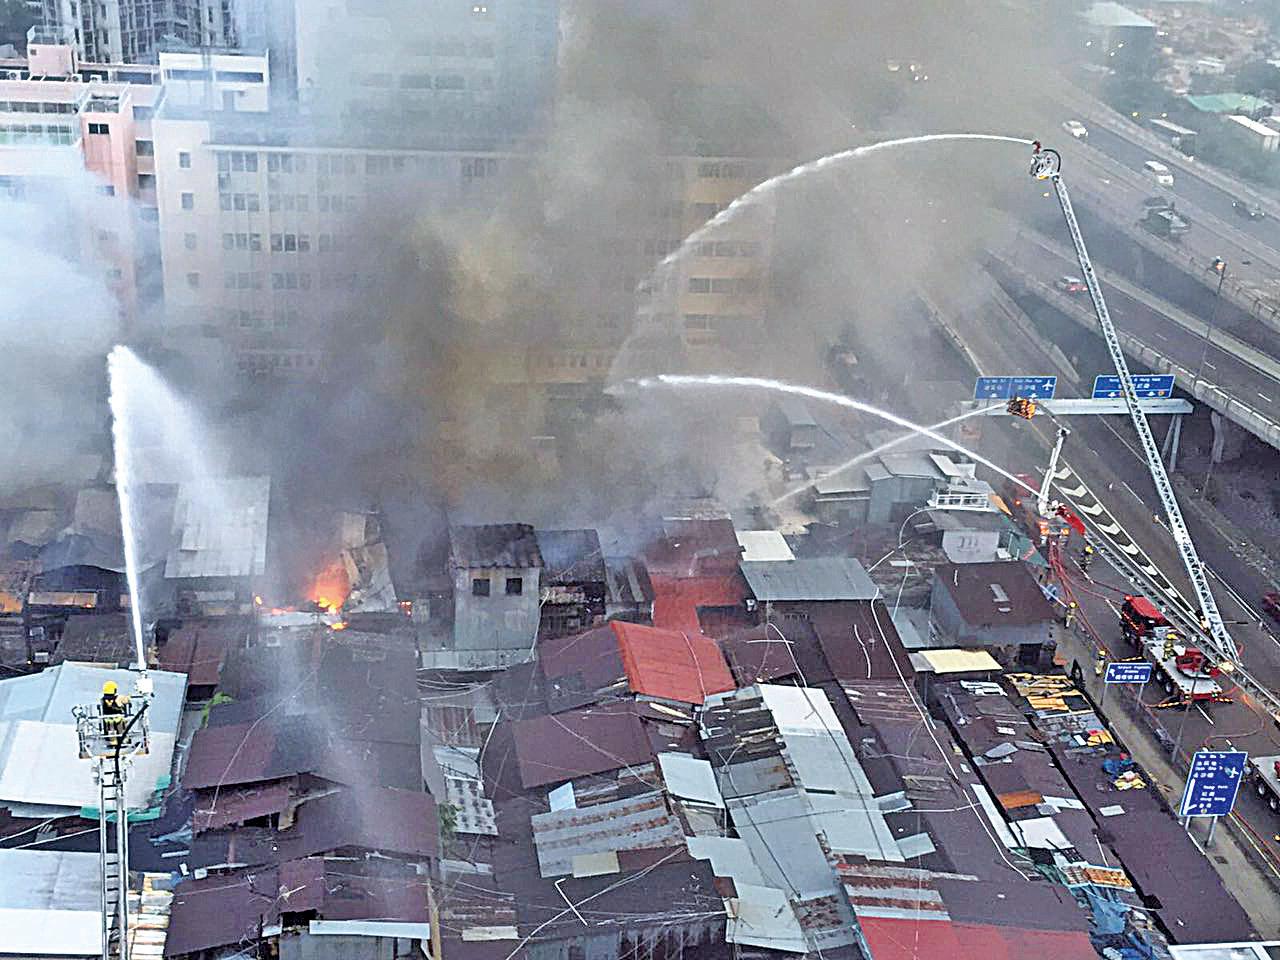 火勢因果欄密集的攤檔而迅速蔓延。消防出動大批人手撲救。(Dennis Law)